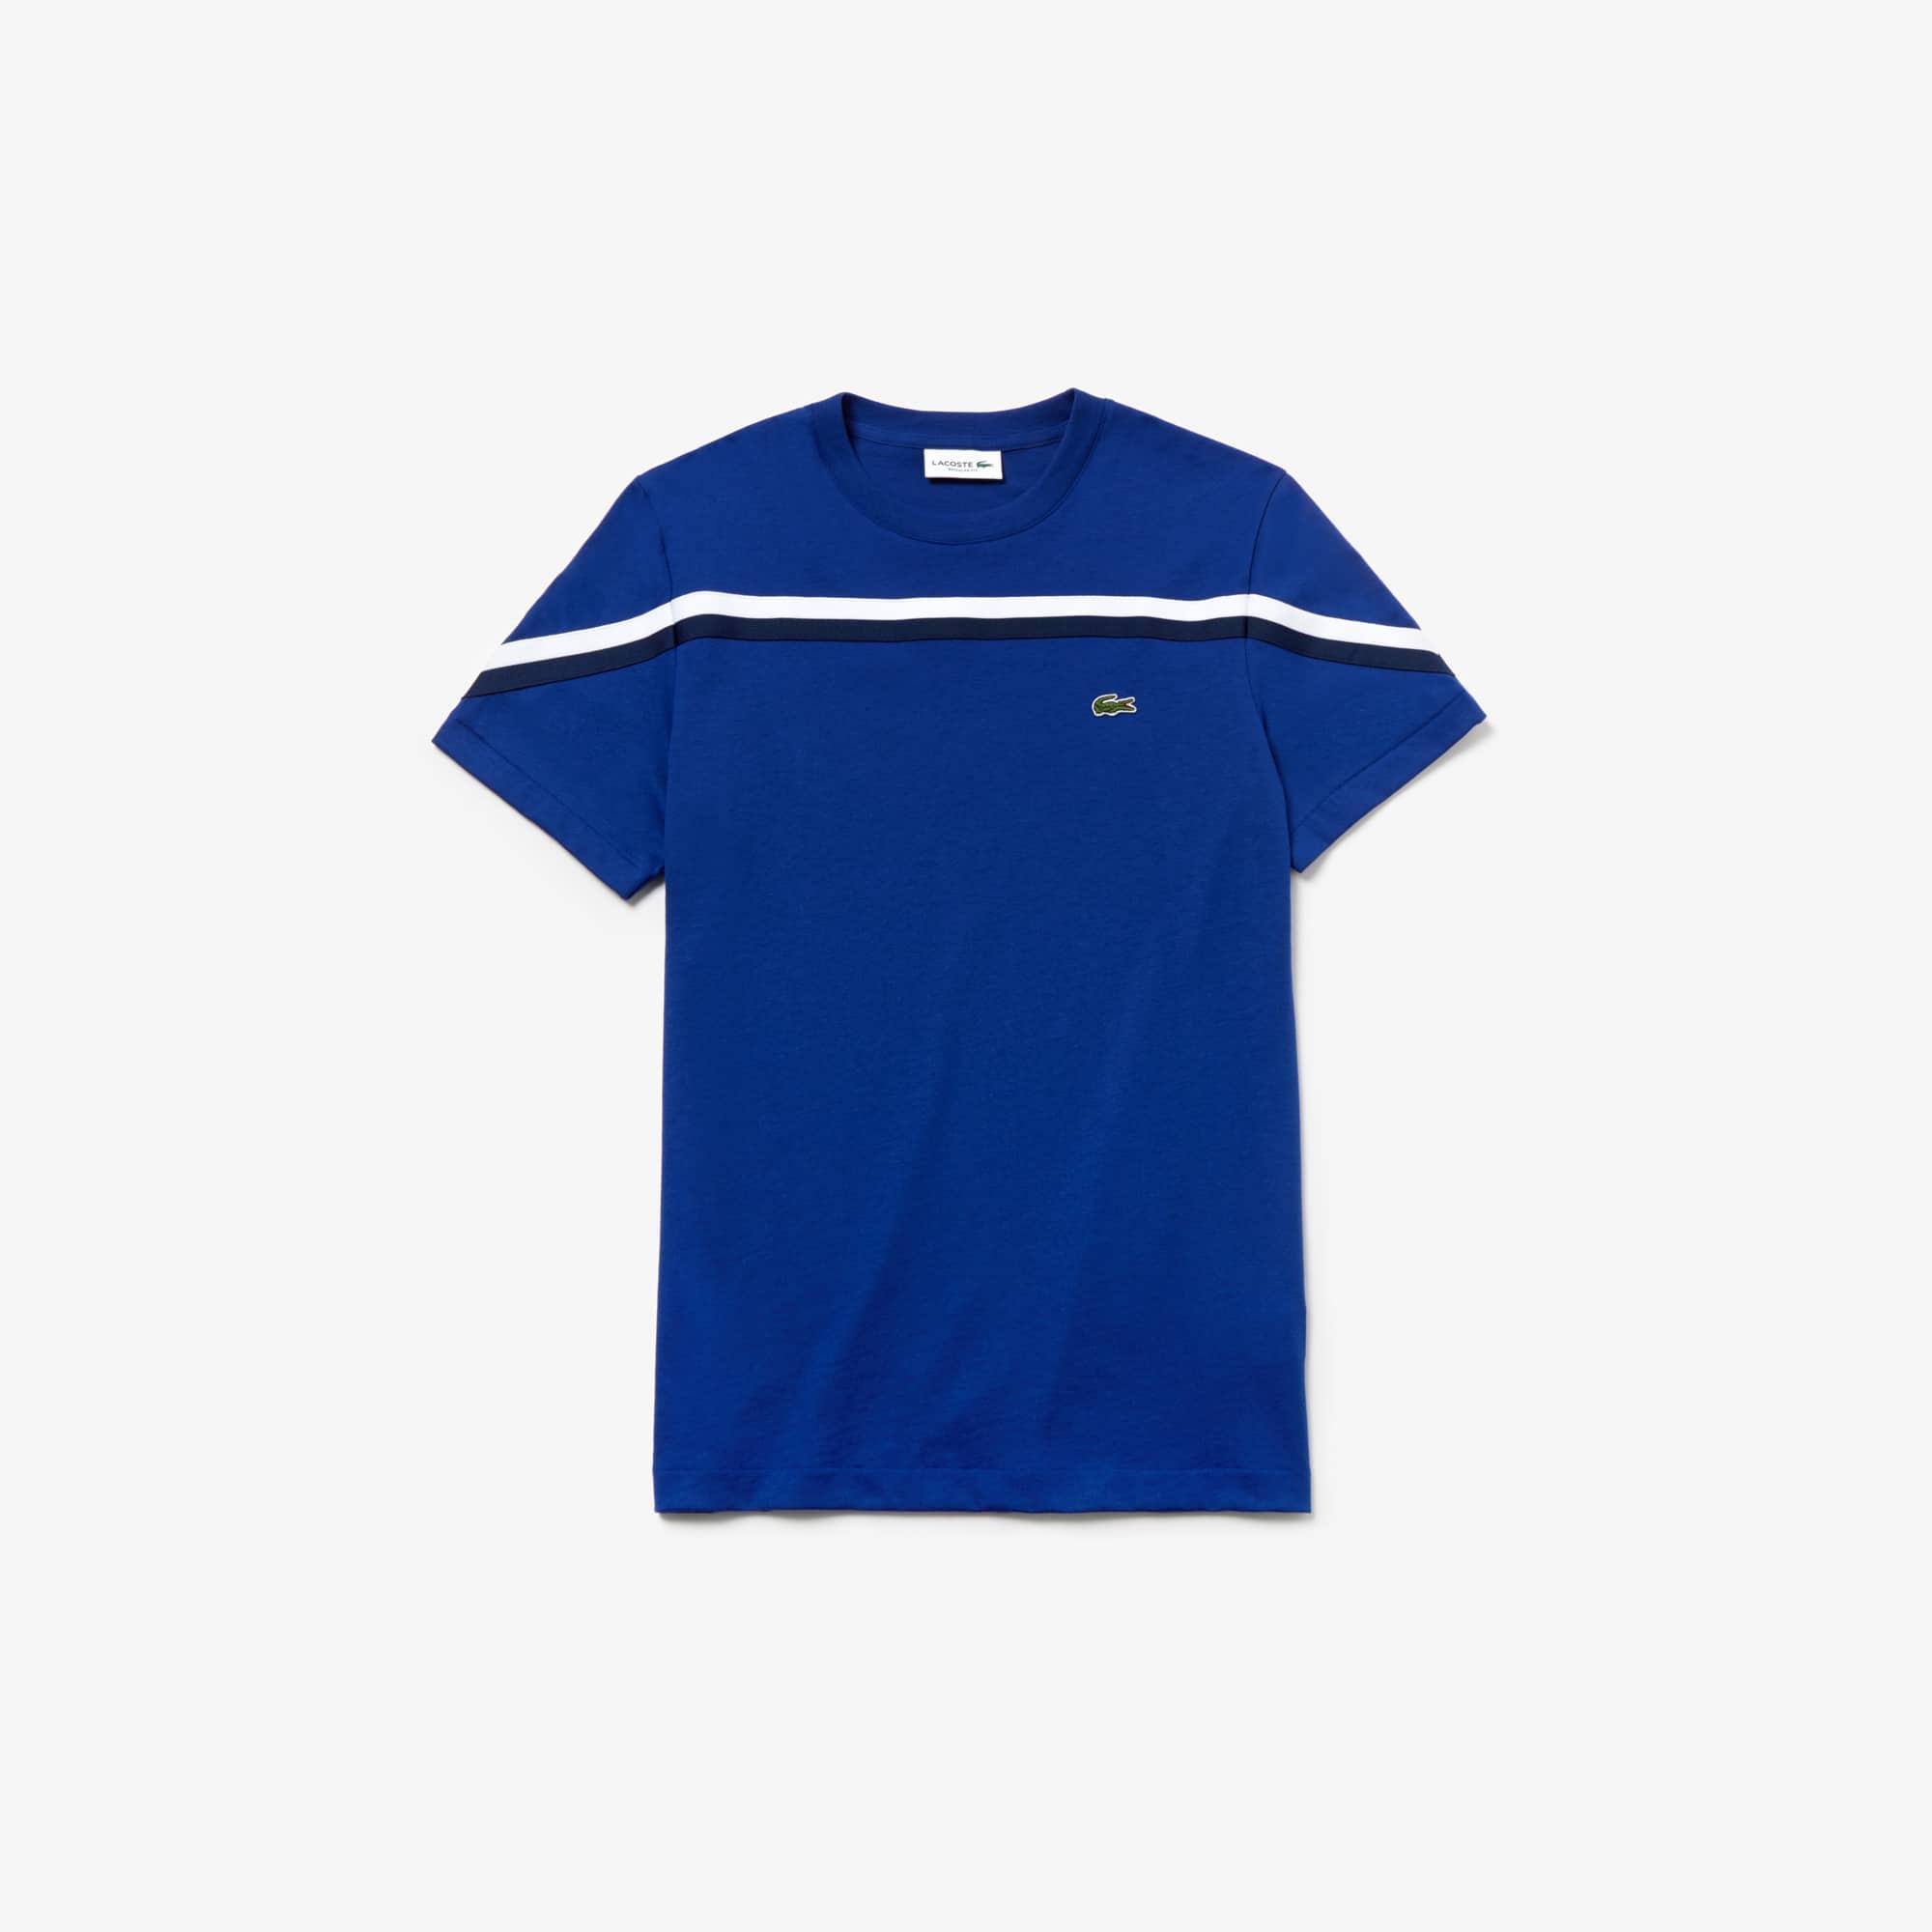 라코스테 반팔티 크루넥 코튼 티셔츠  Lacoste Mens Crew Neck Cotton T-shirt,Navy Blue